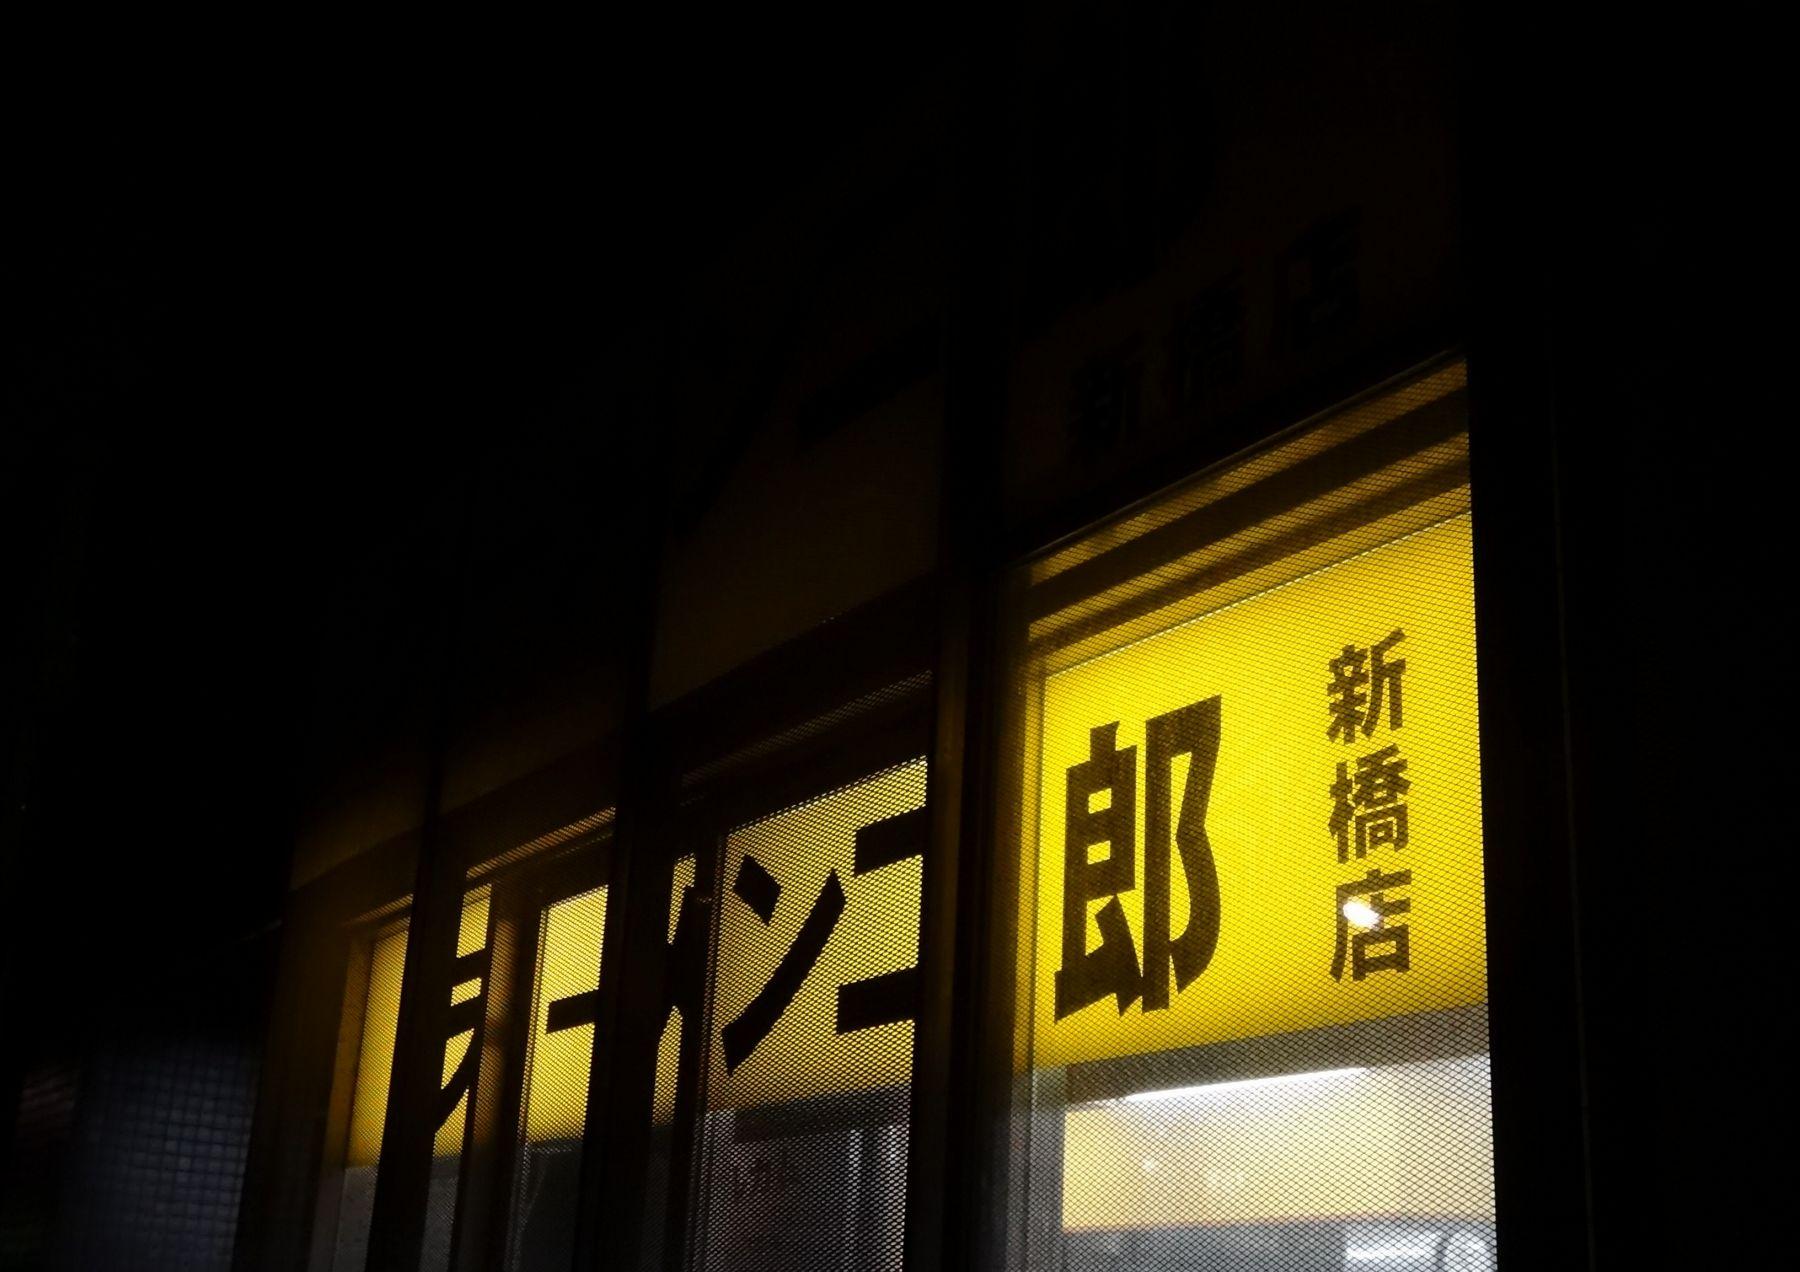 20121112006shinbashi.jpg